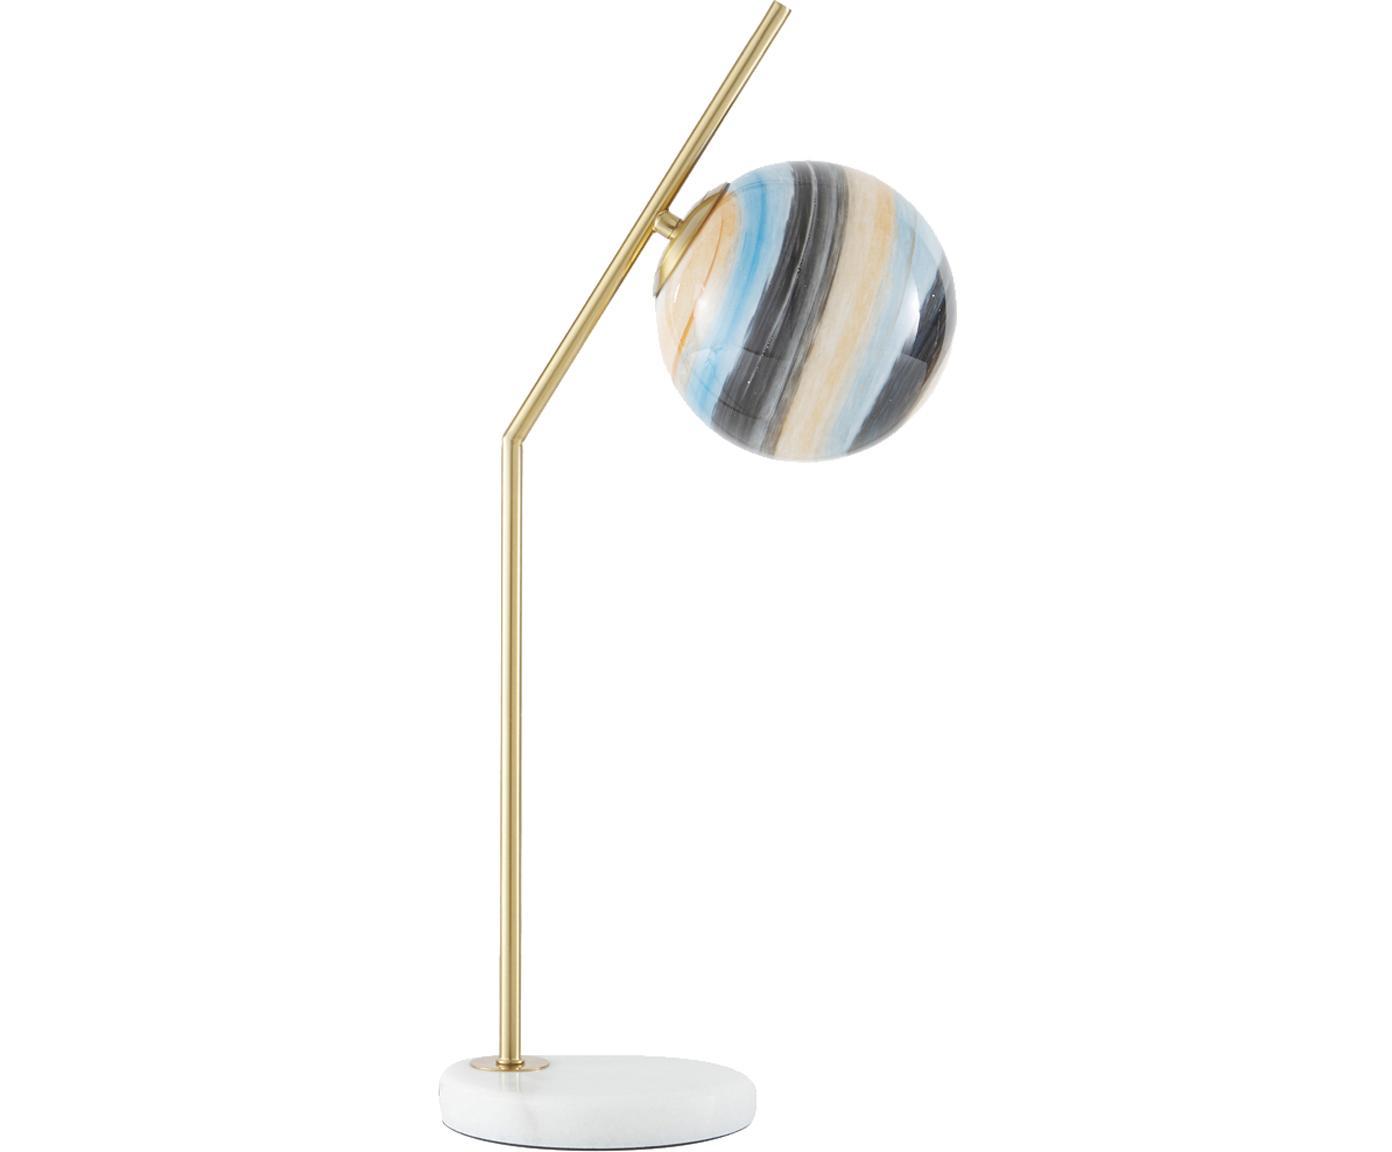 Tafellamp Opal, Metaal, glas, Messingkleurig, wit, pastelkleurig, 25 x 56 cm